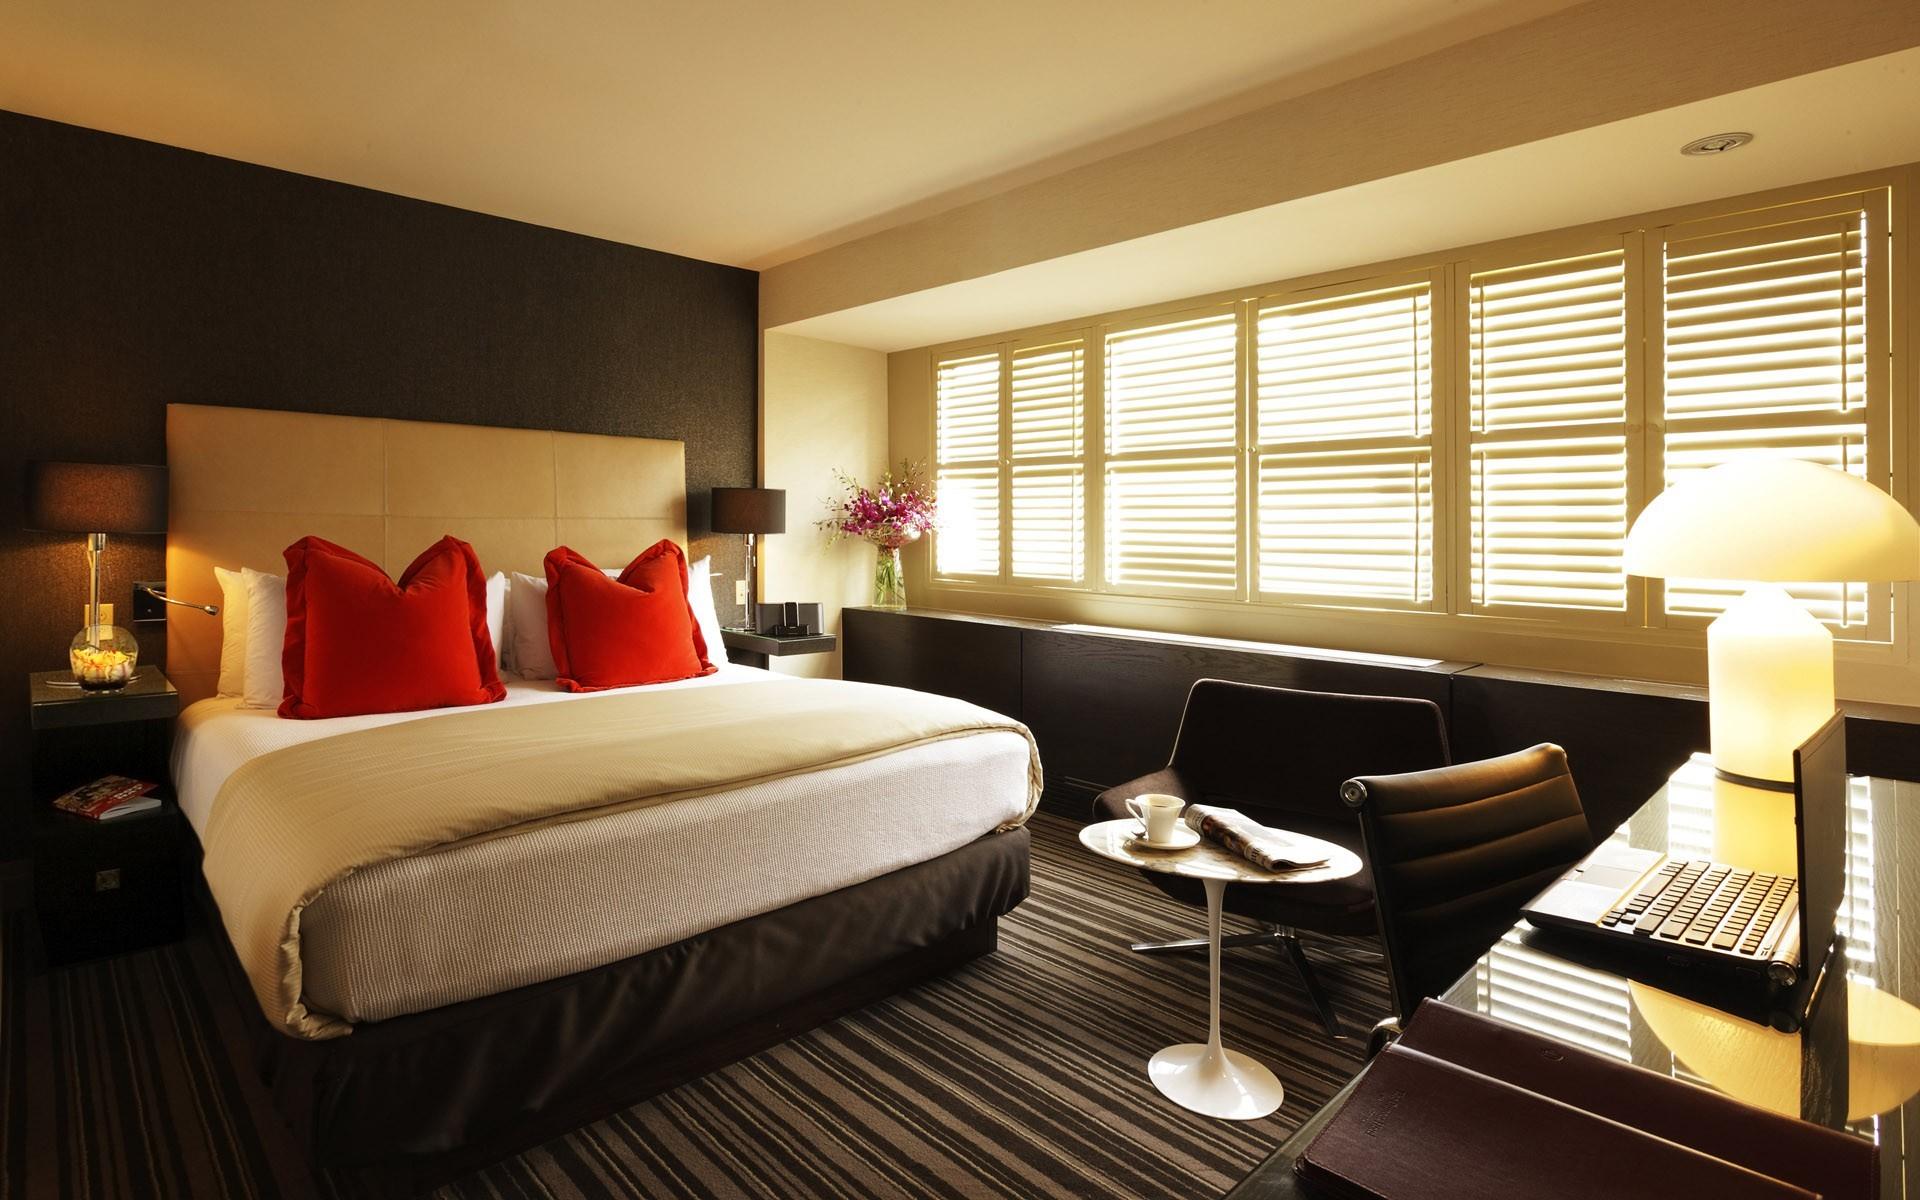 Интерьер спальня комната кровать  № 3537240  скачать